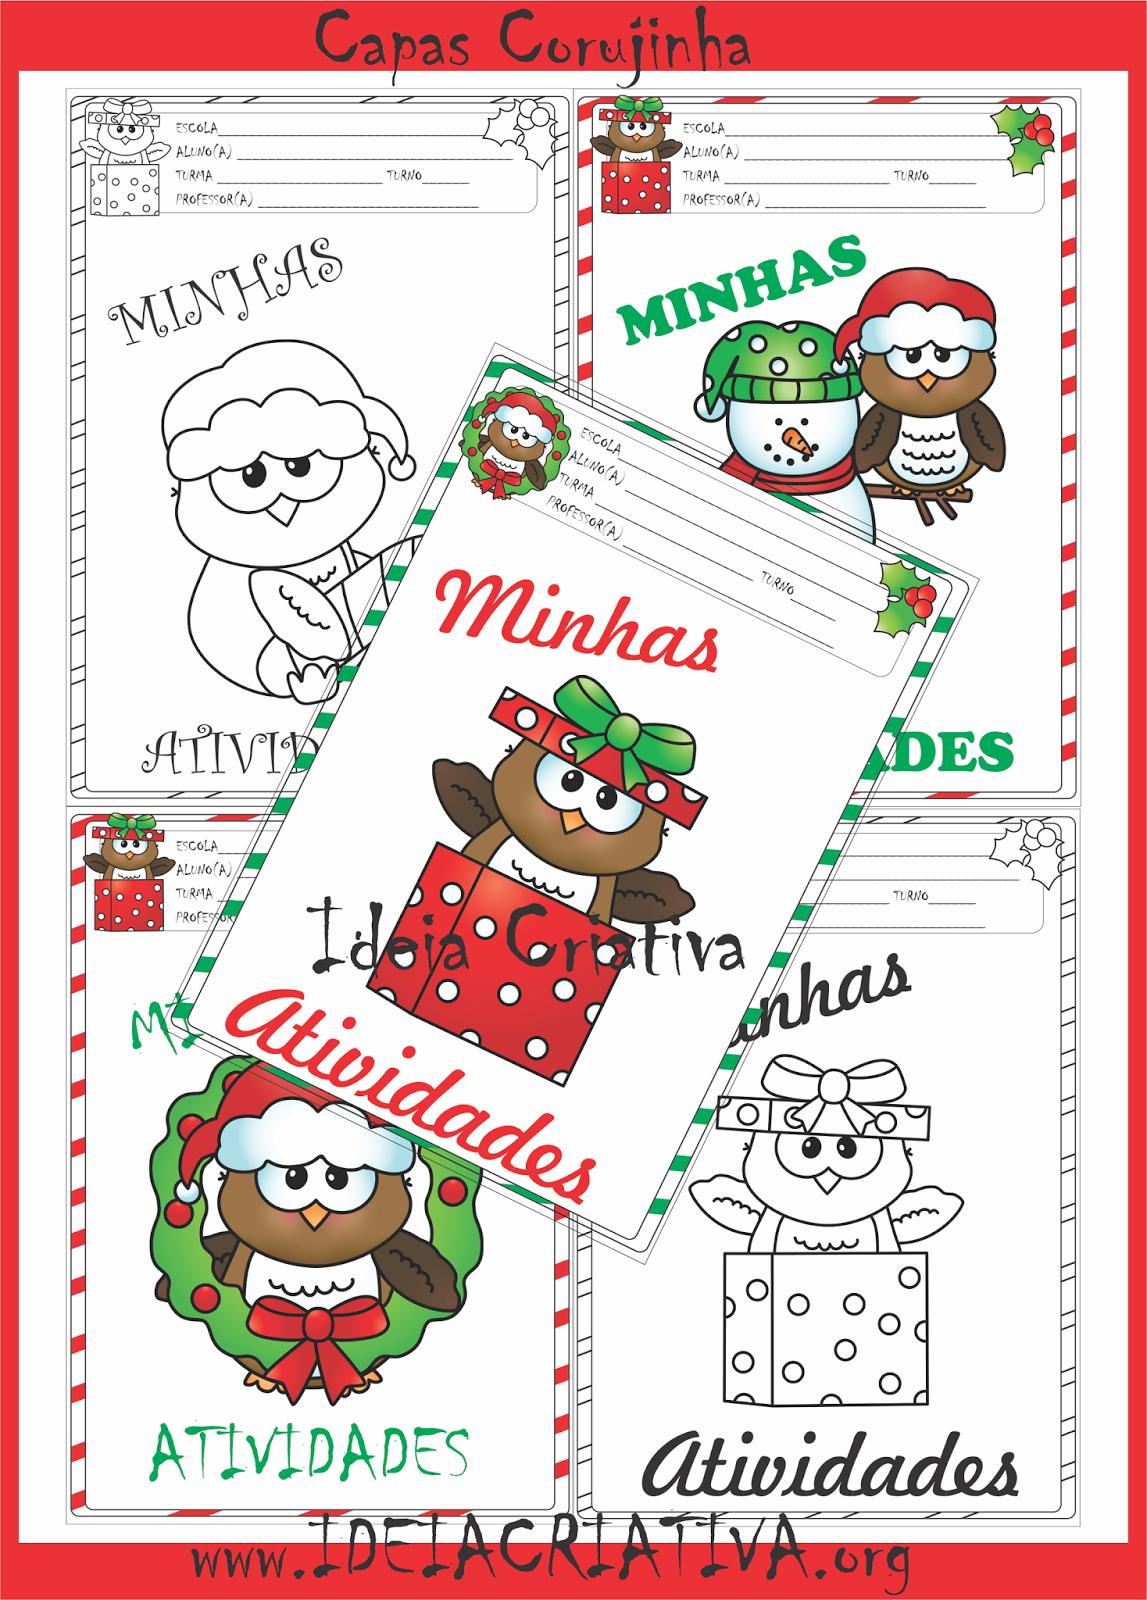 Capas para Atividades Corujinhas Natalinas para Imprimir Grátis